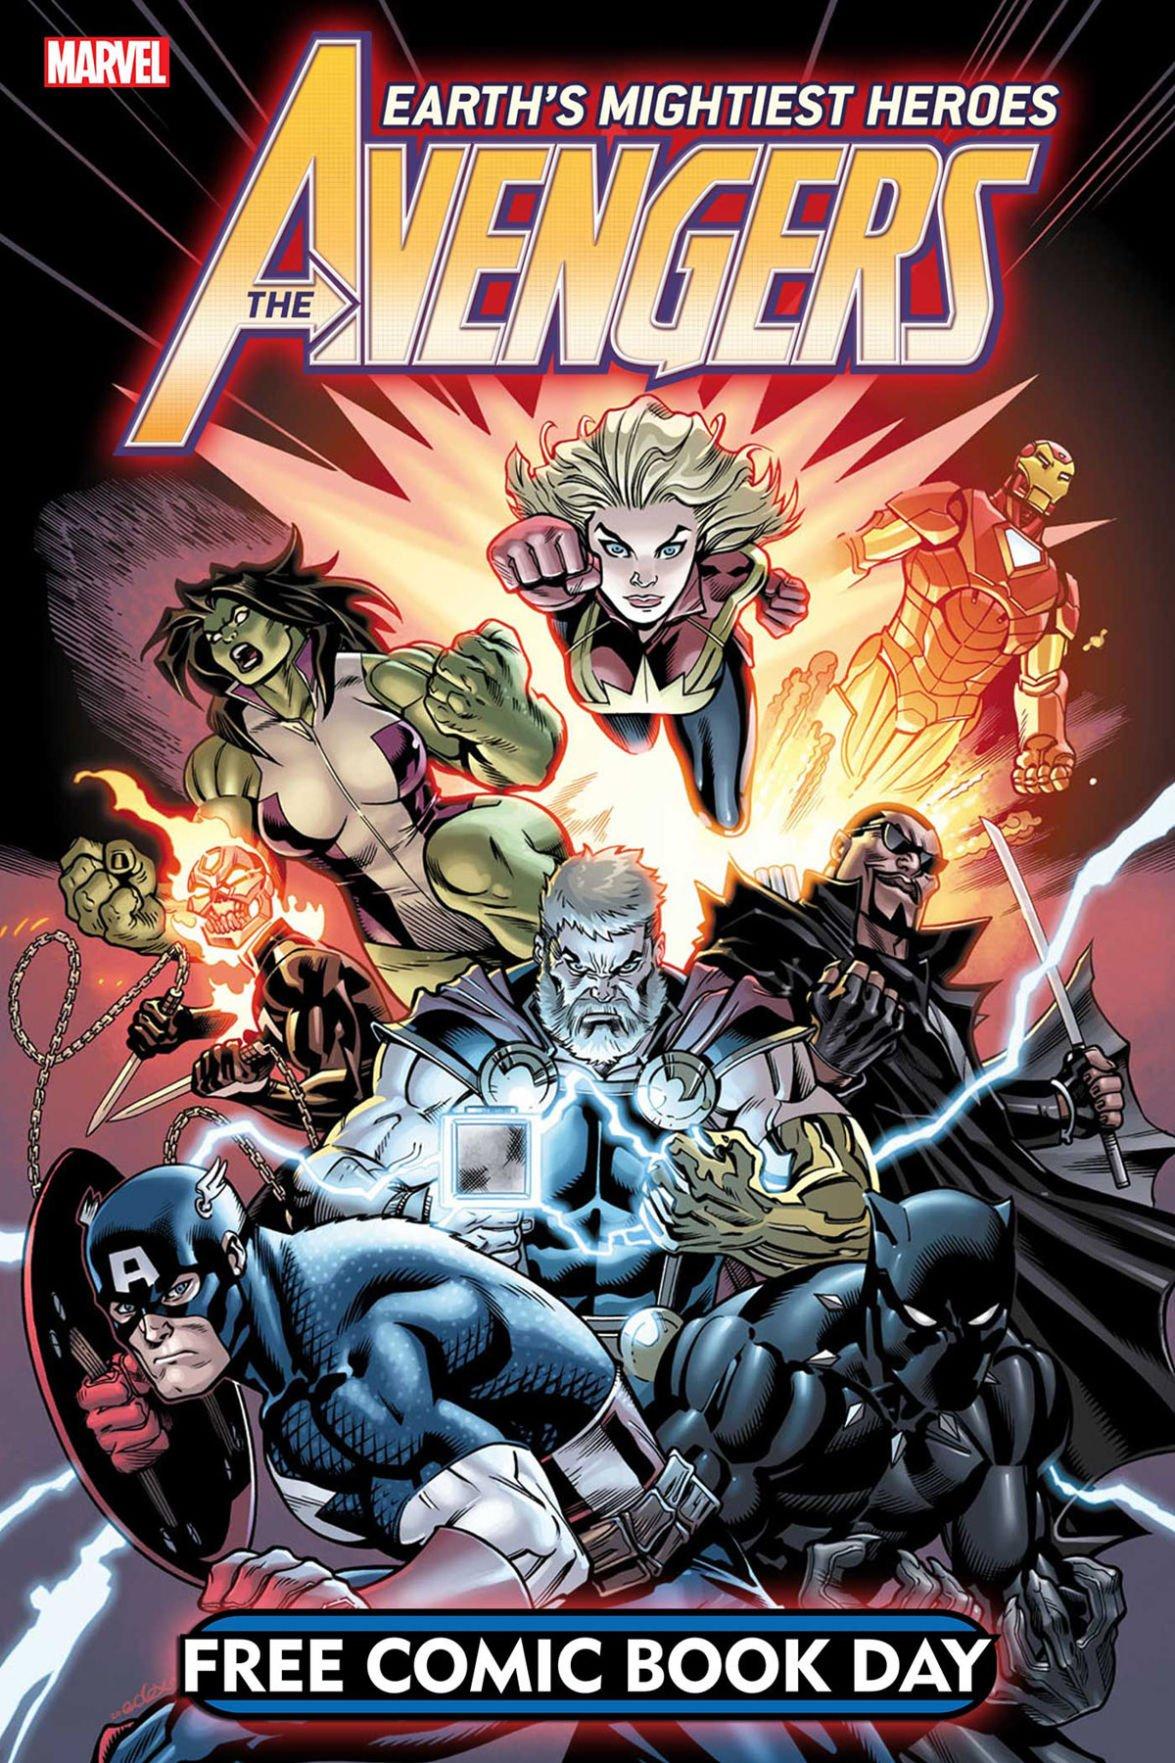 FCBD19_G_Marvel Comics_The Avengers.jpg